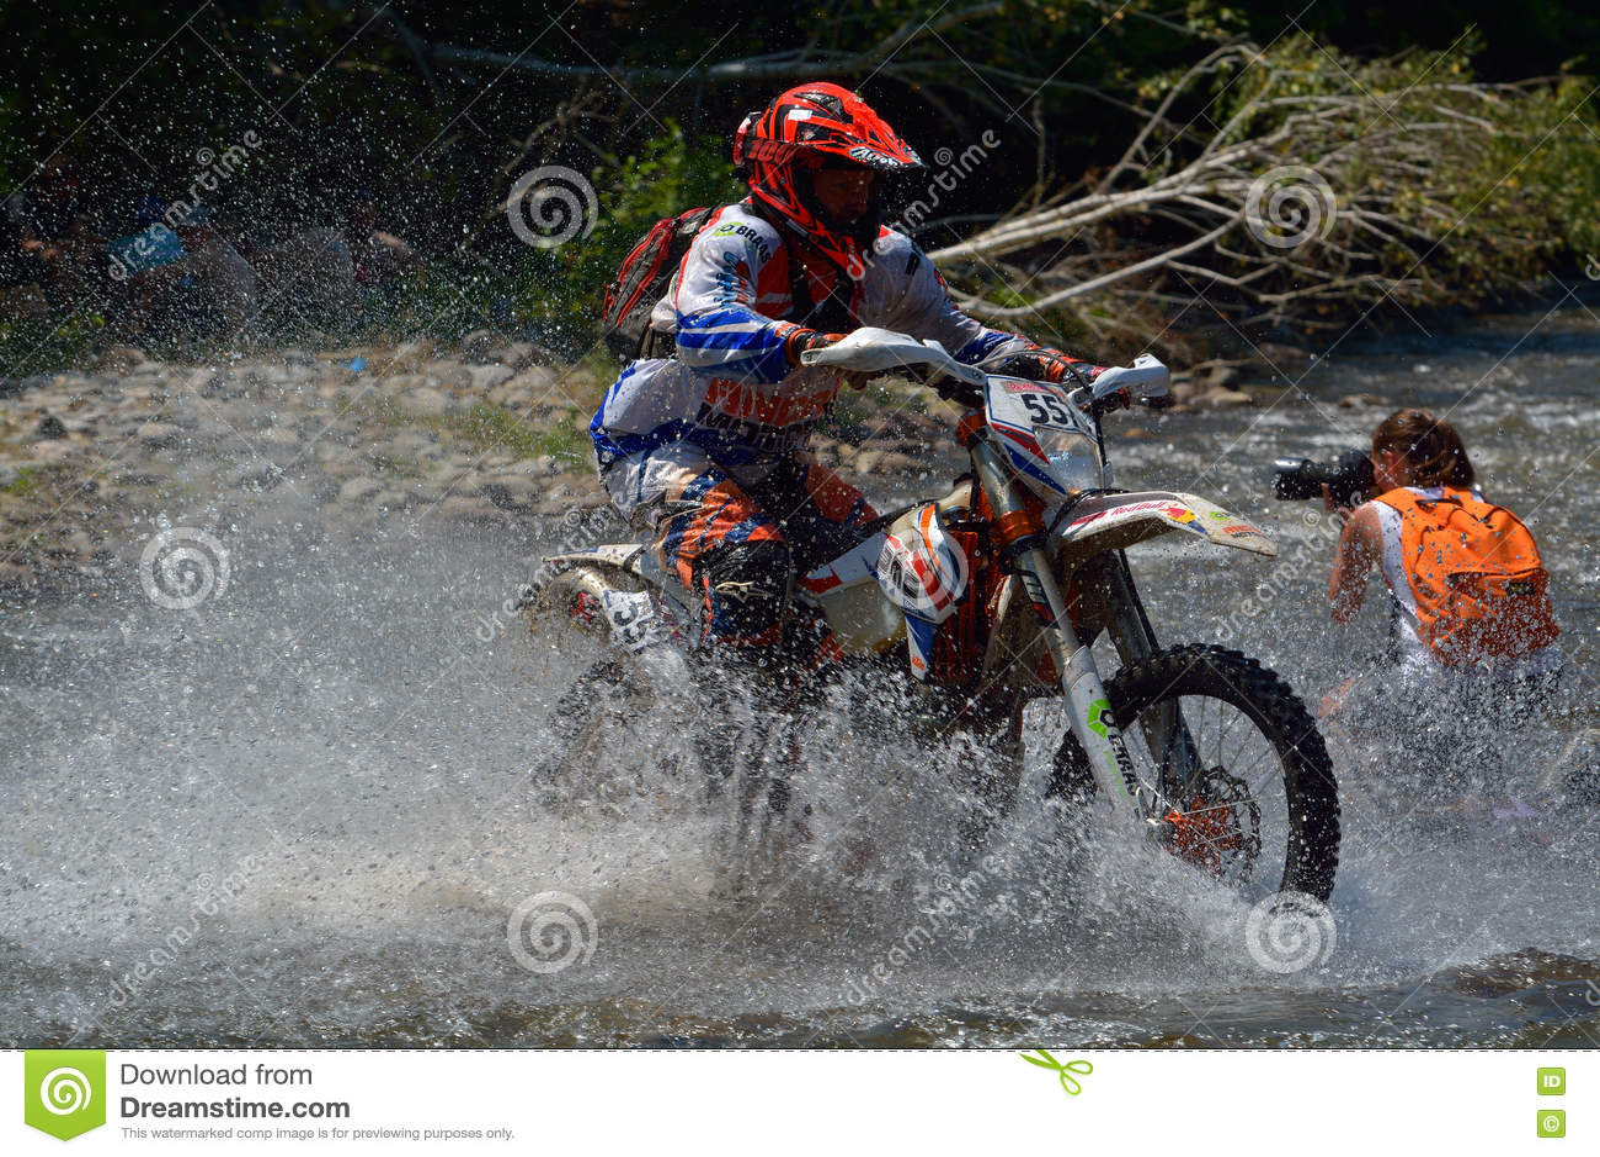 SIBIU, ROUMANIE - 18 JUILLET : Ed Uding concurrençant dans le rassemblement dur de Red Bull ROMANIACS Enduro une moto delorean de